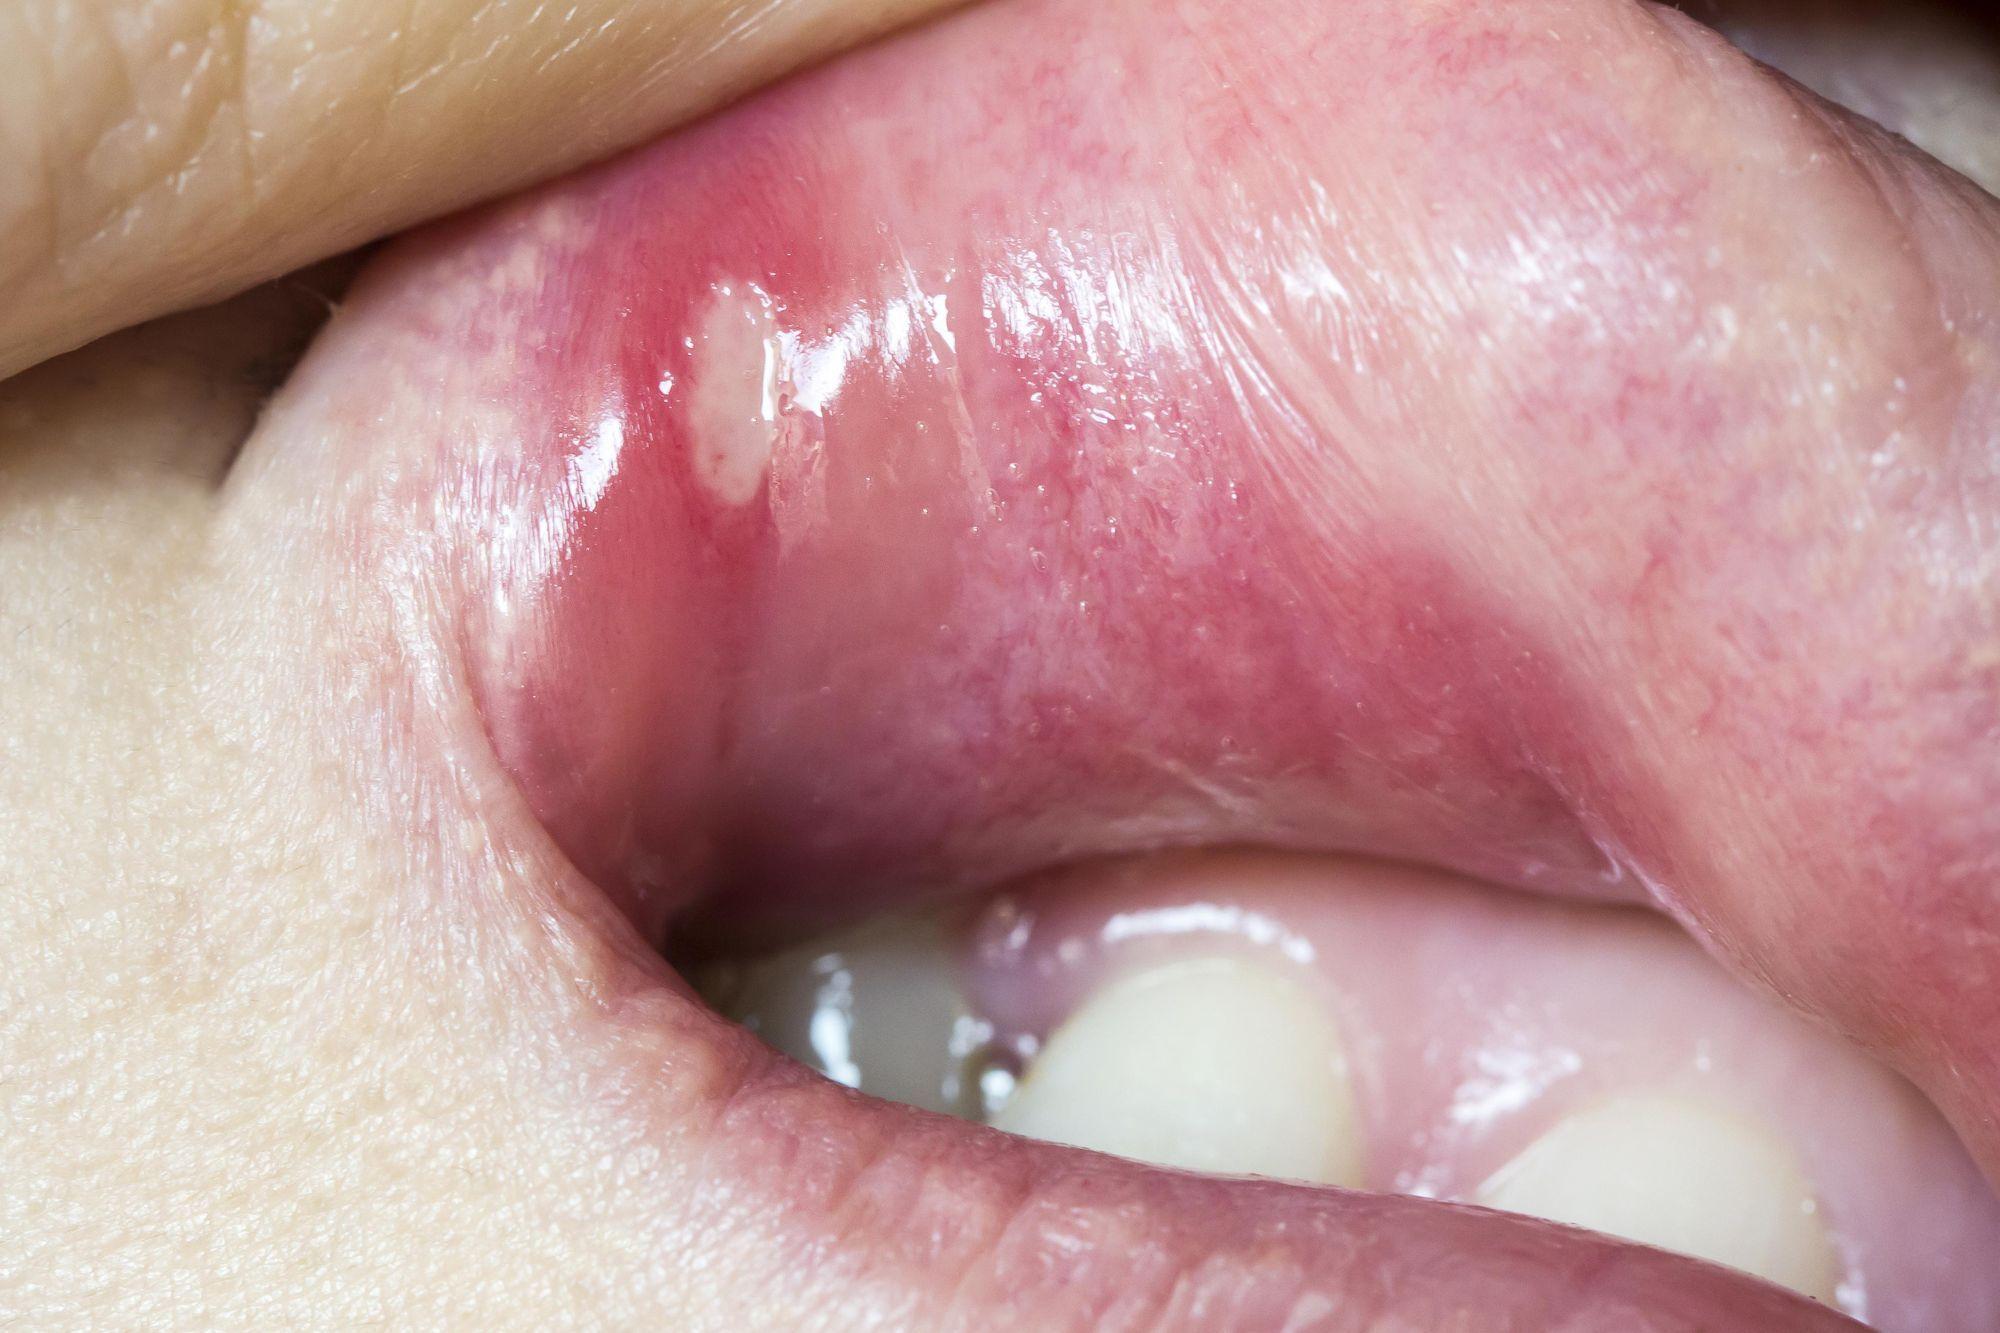 bouton de fievre bouche